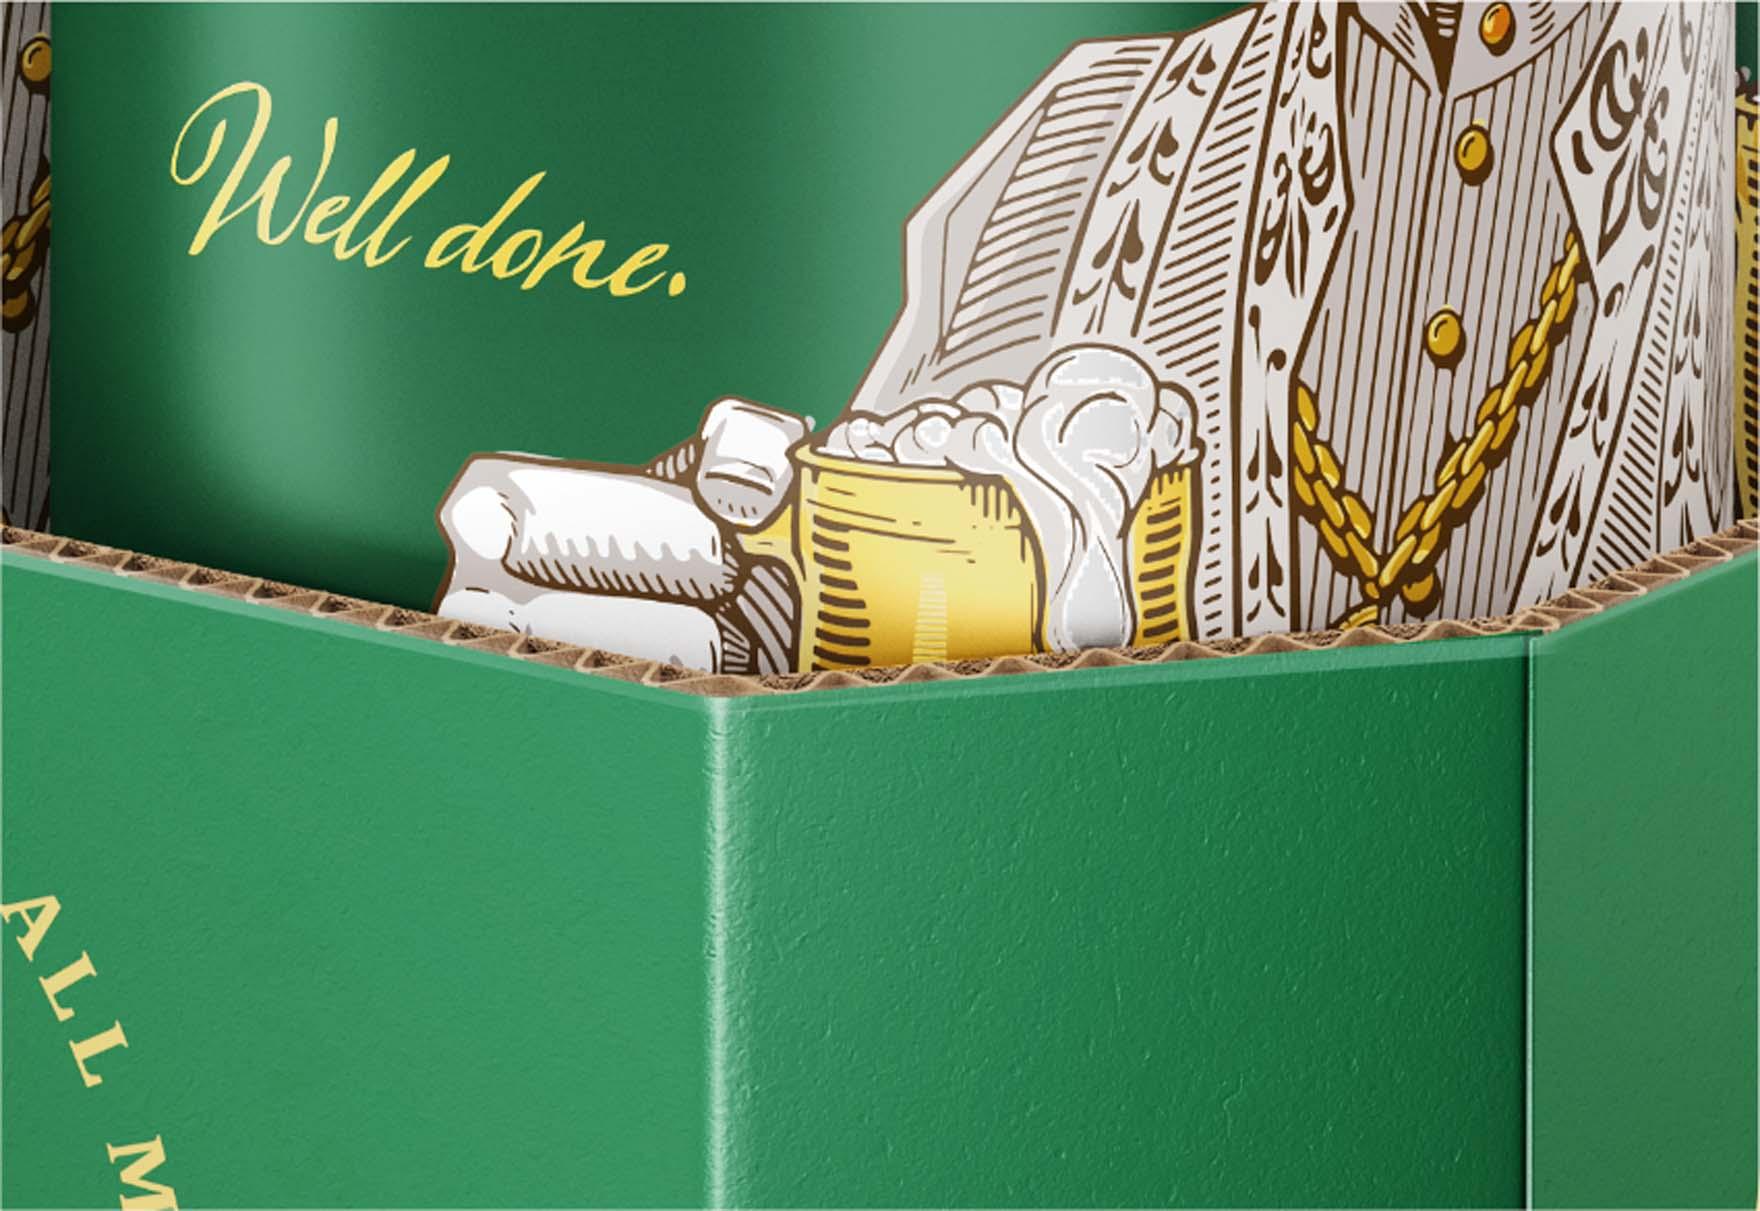 Wizualizacja opakowania zgrzewki piwa